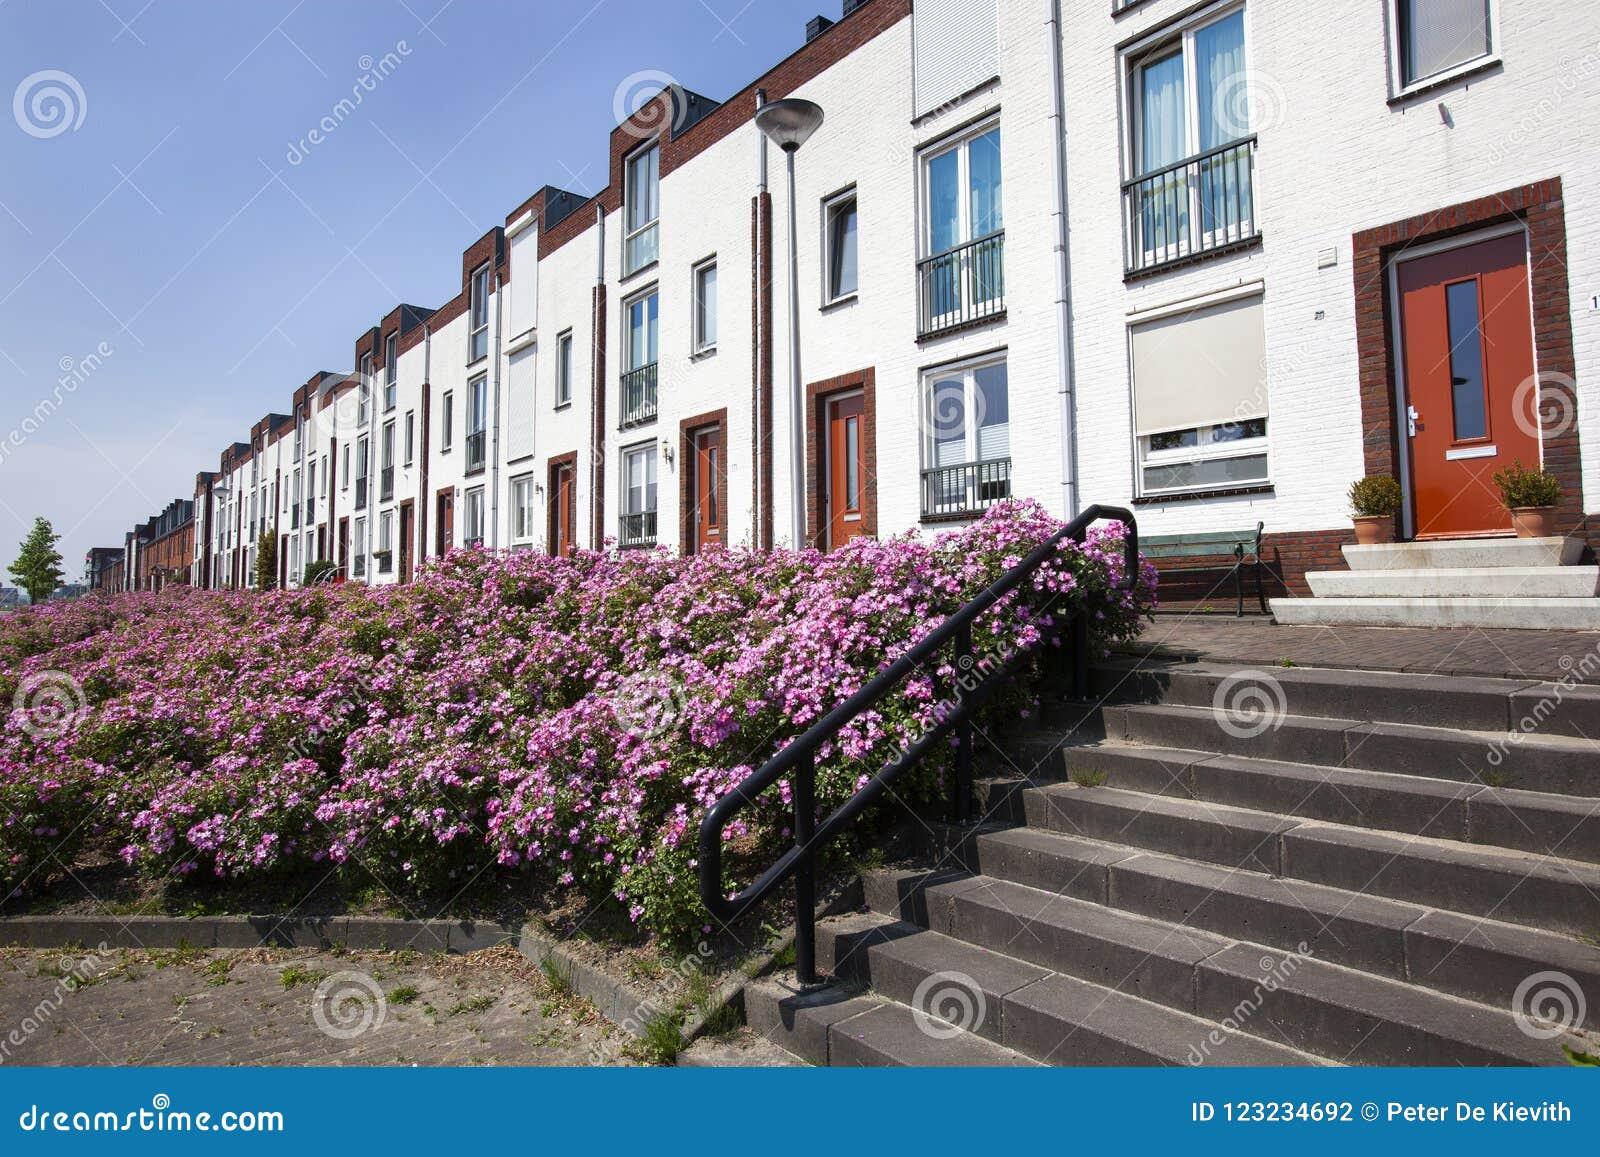 Weiße moderne Häuser in Folge